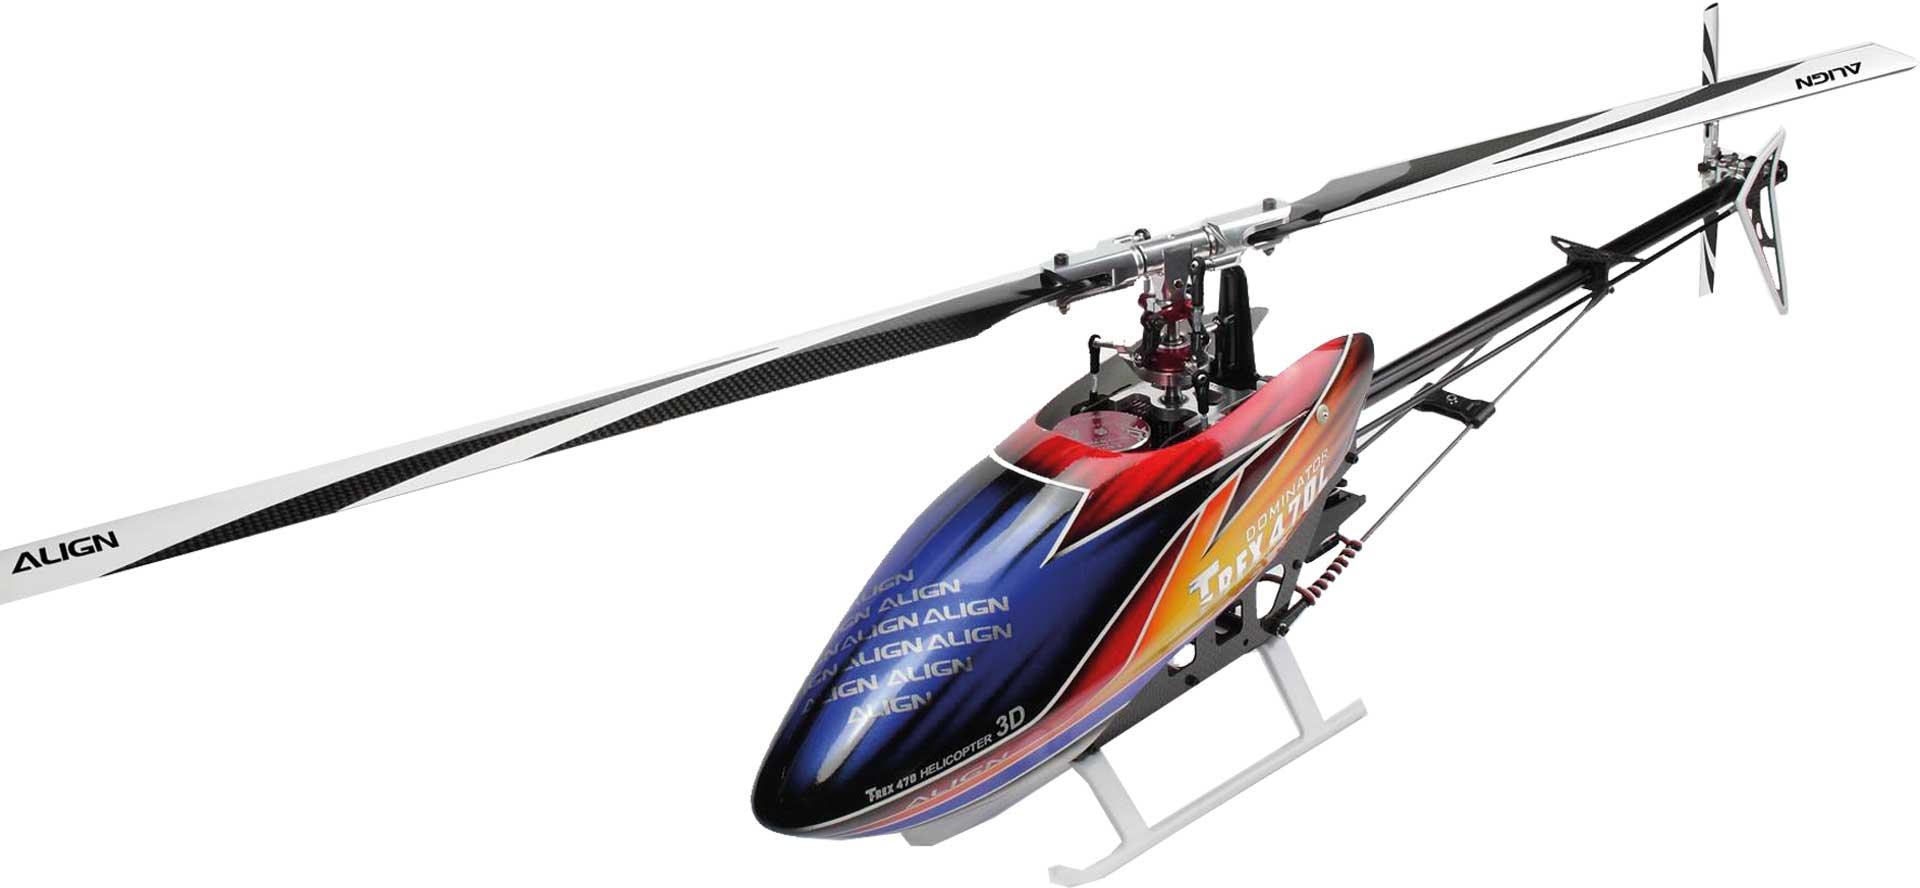 ALIGN T-REX 470LP DOMINATOR COMBO MB+ Hubschrauber / Helikopter